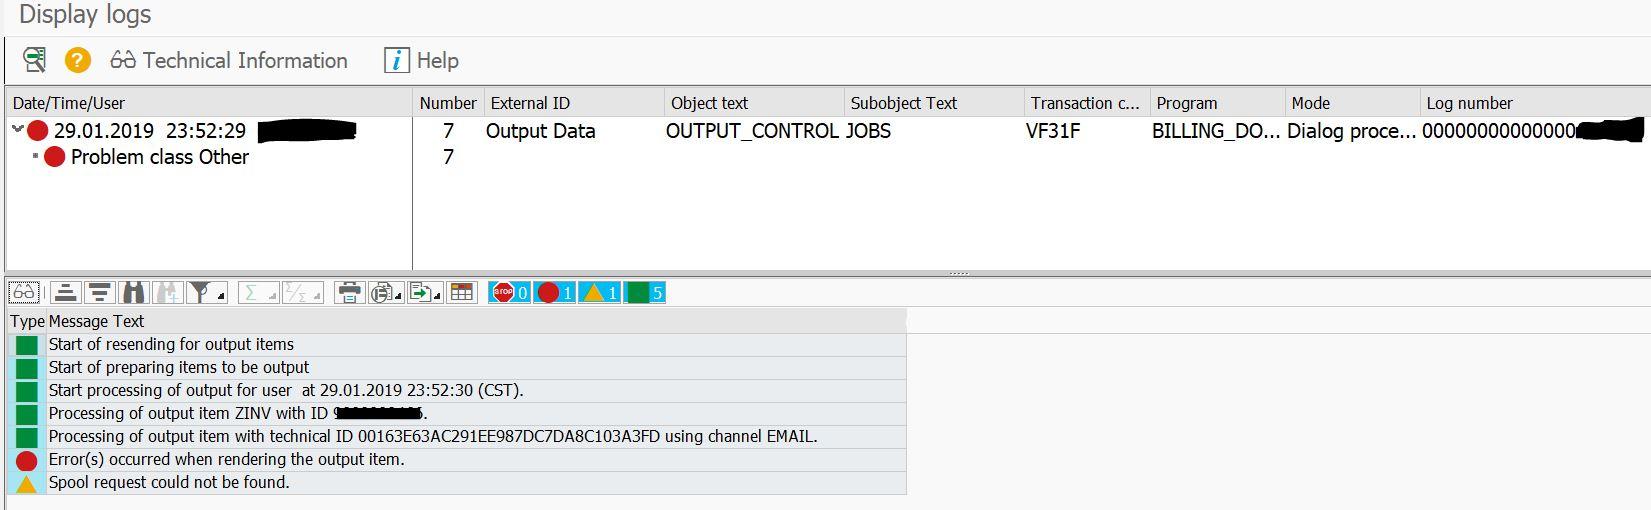 Adobe form output using Gateway Services [OData] : SAP | SAP